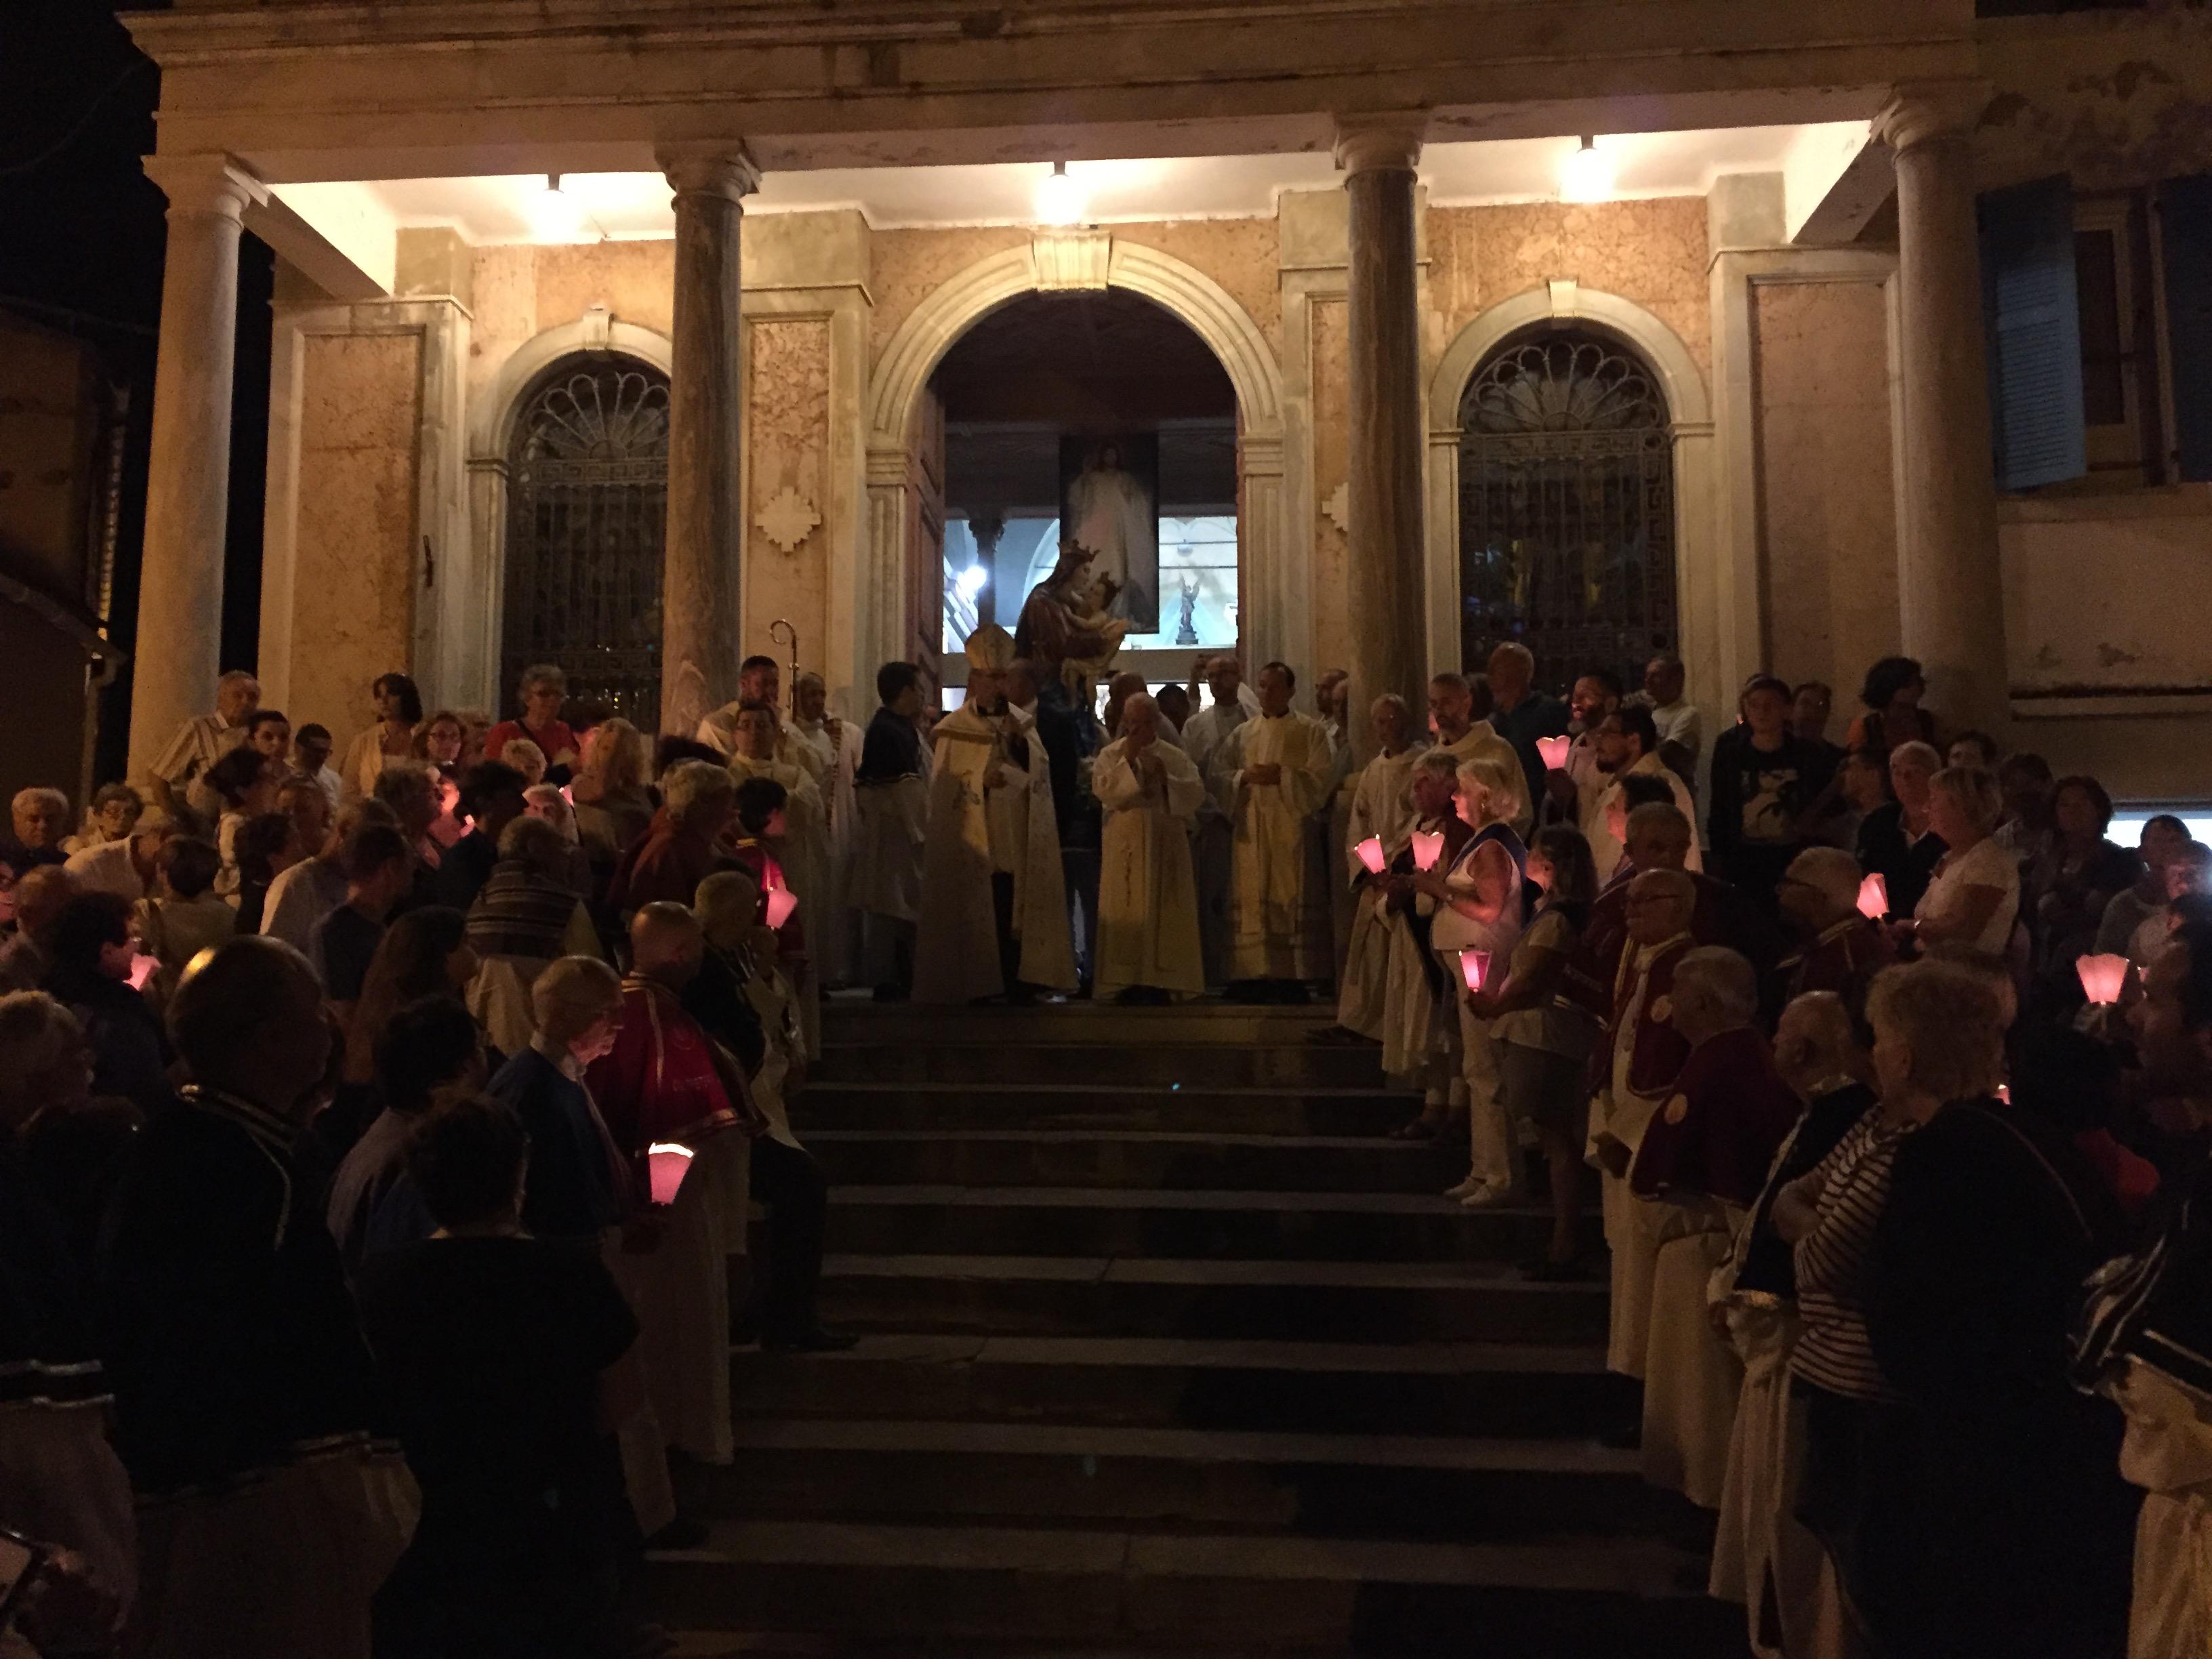 Lavasina : Messe et retraite aux flambeaux pour des milliers de pèlerins